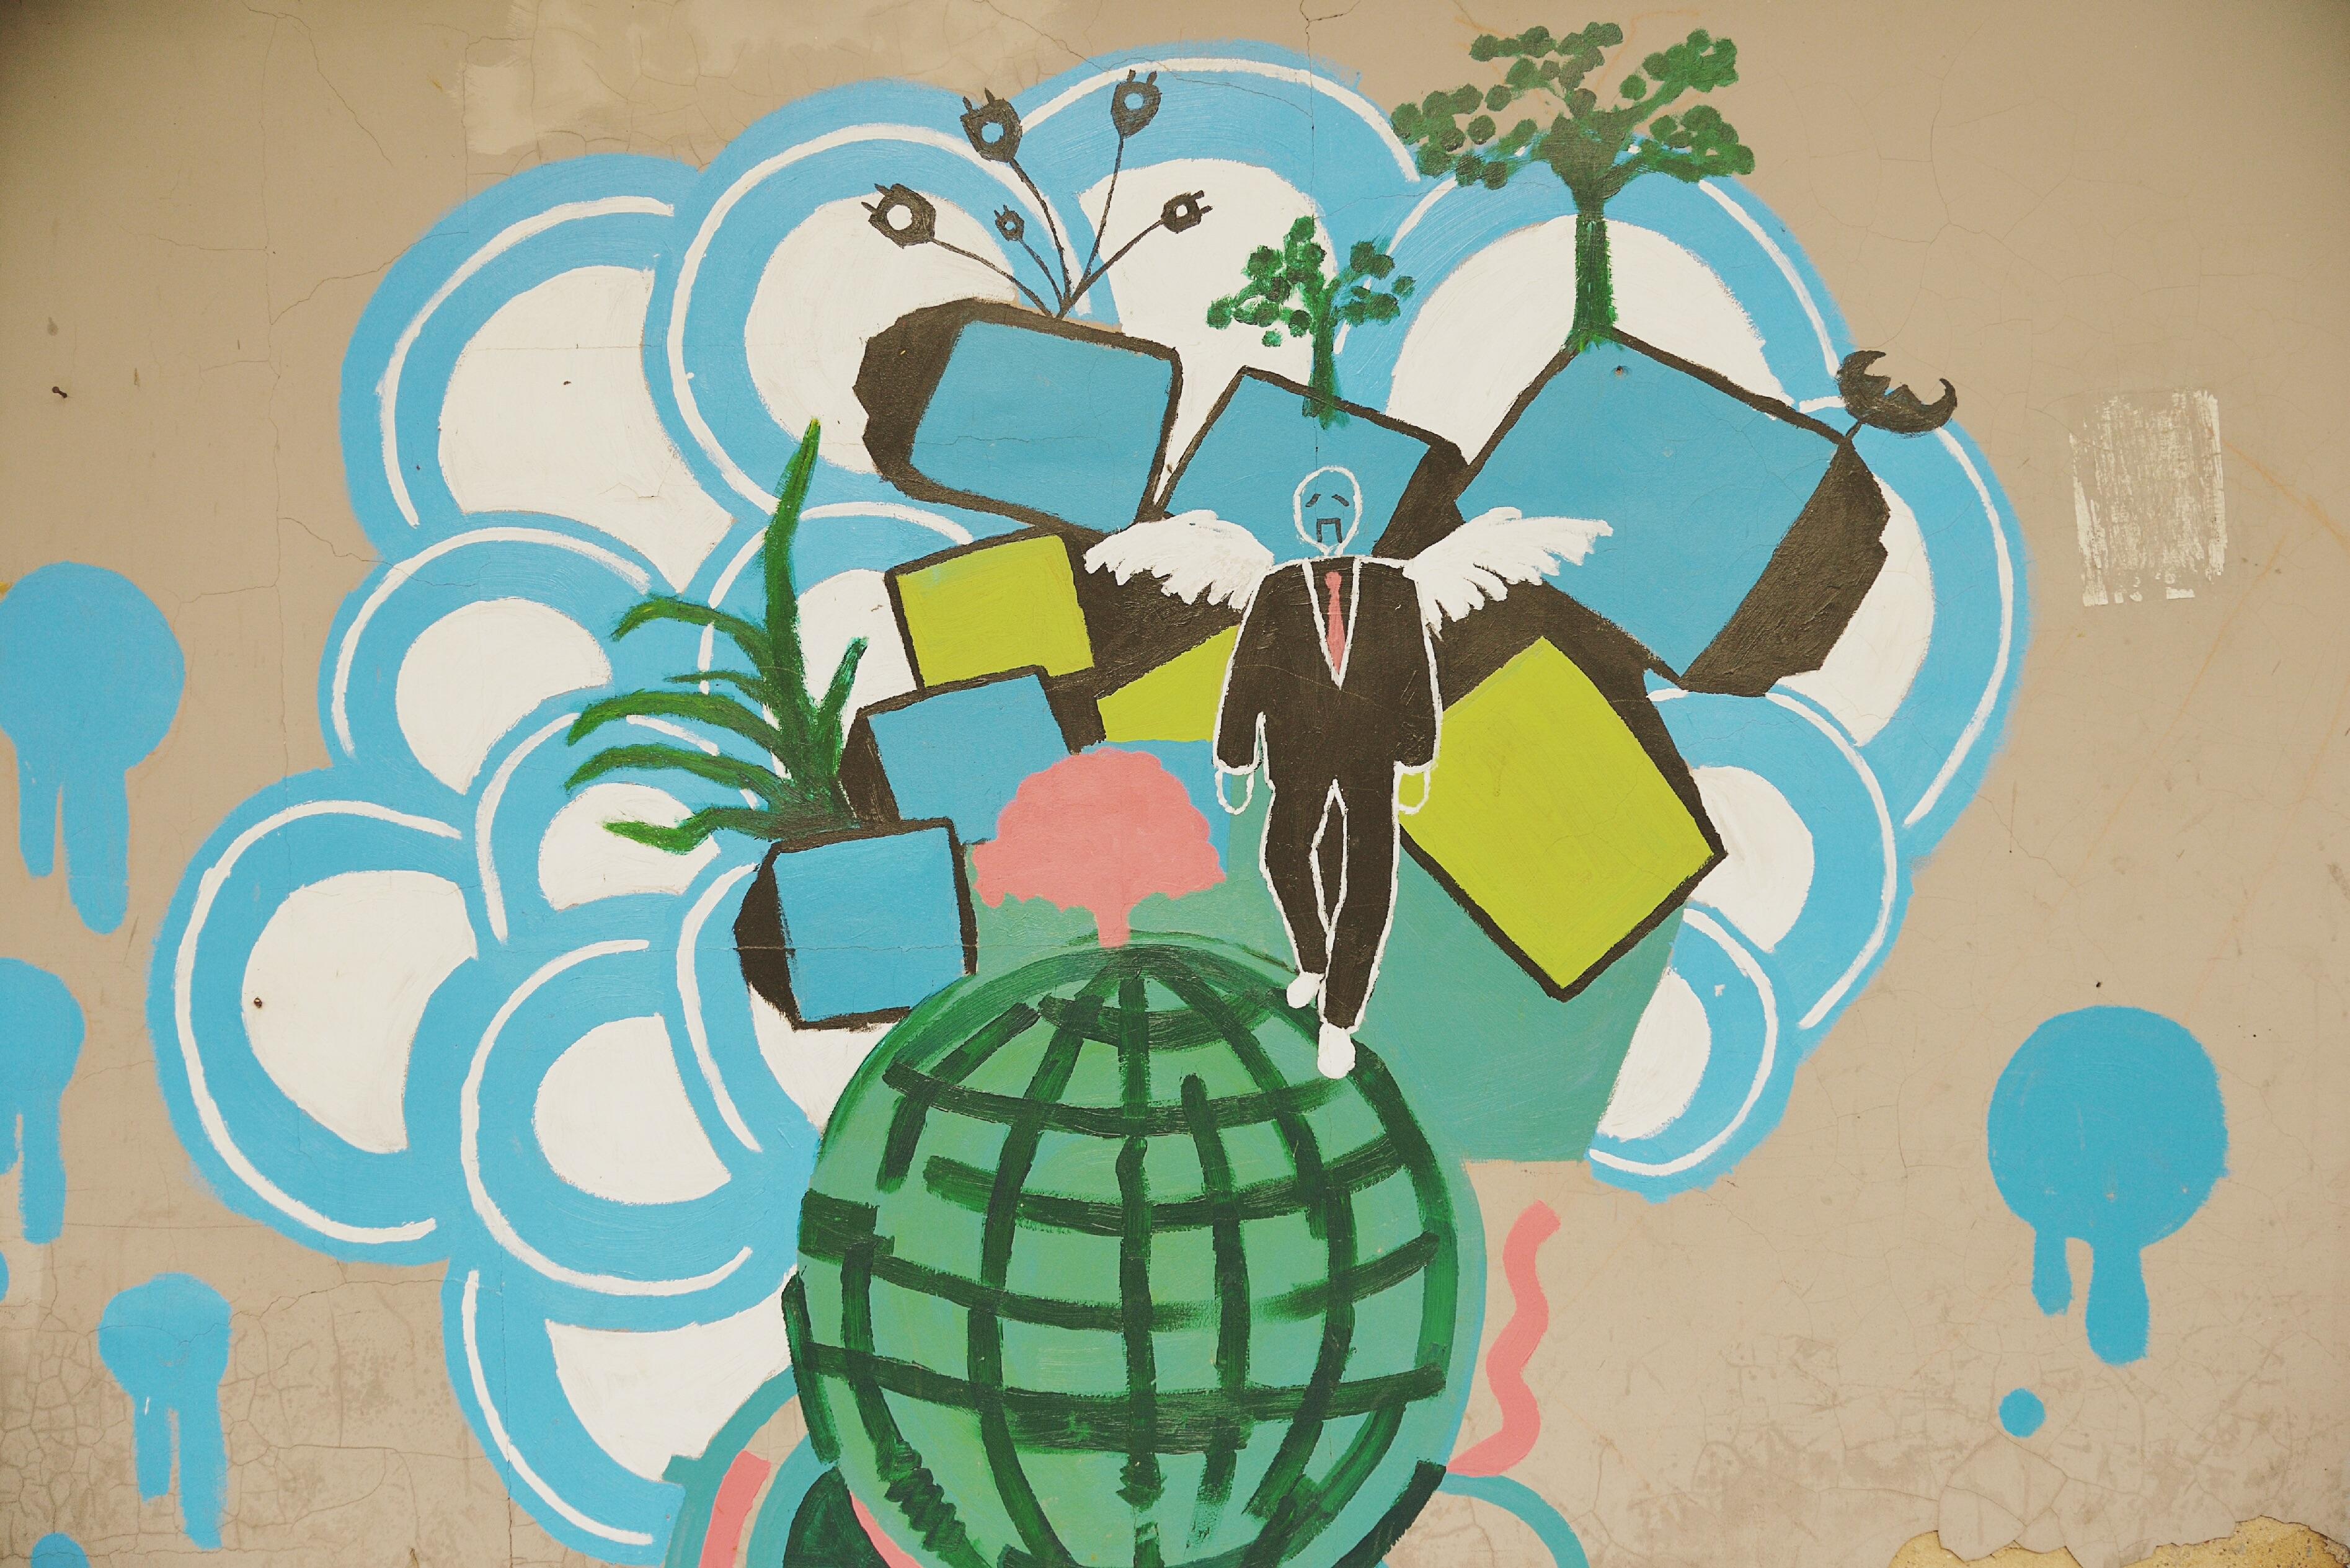 Gambar Pola Sketsa Ilustrasi Desain Lukisan Dinding Gambar